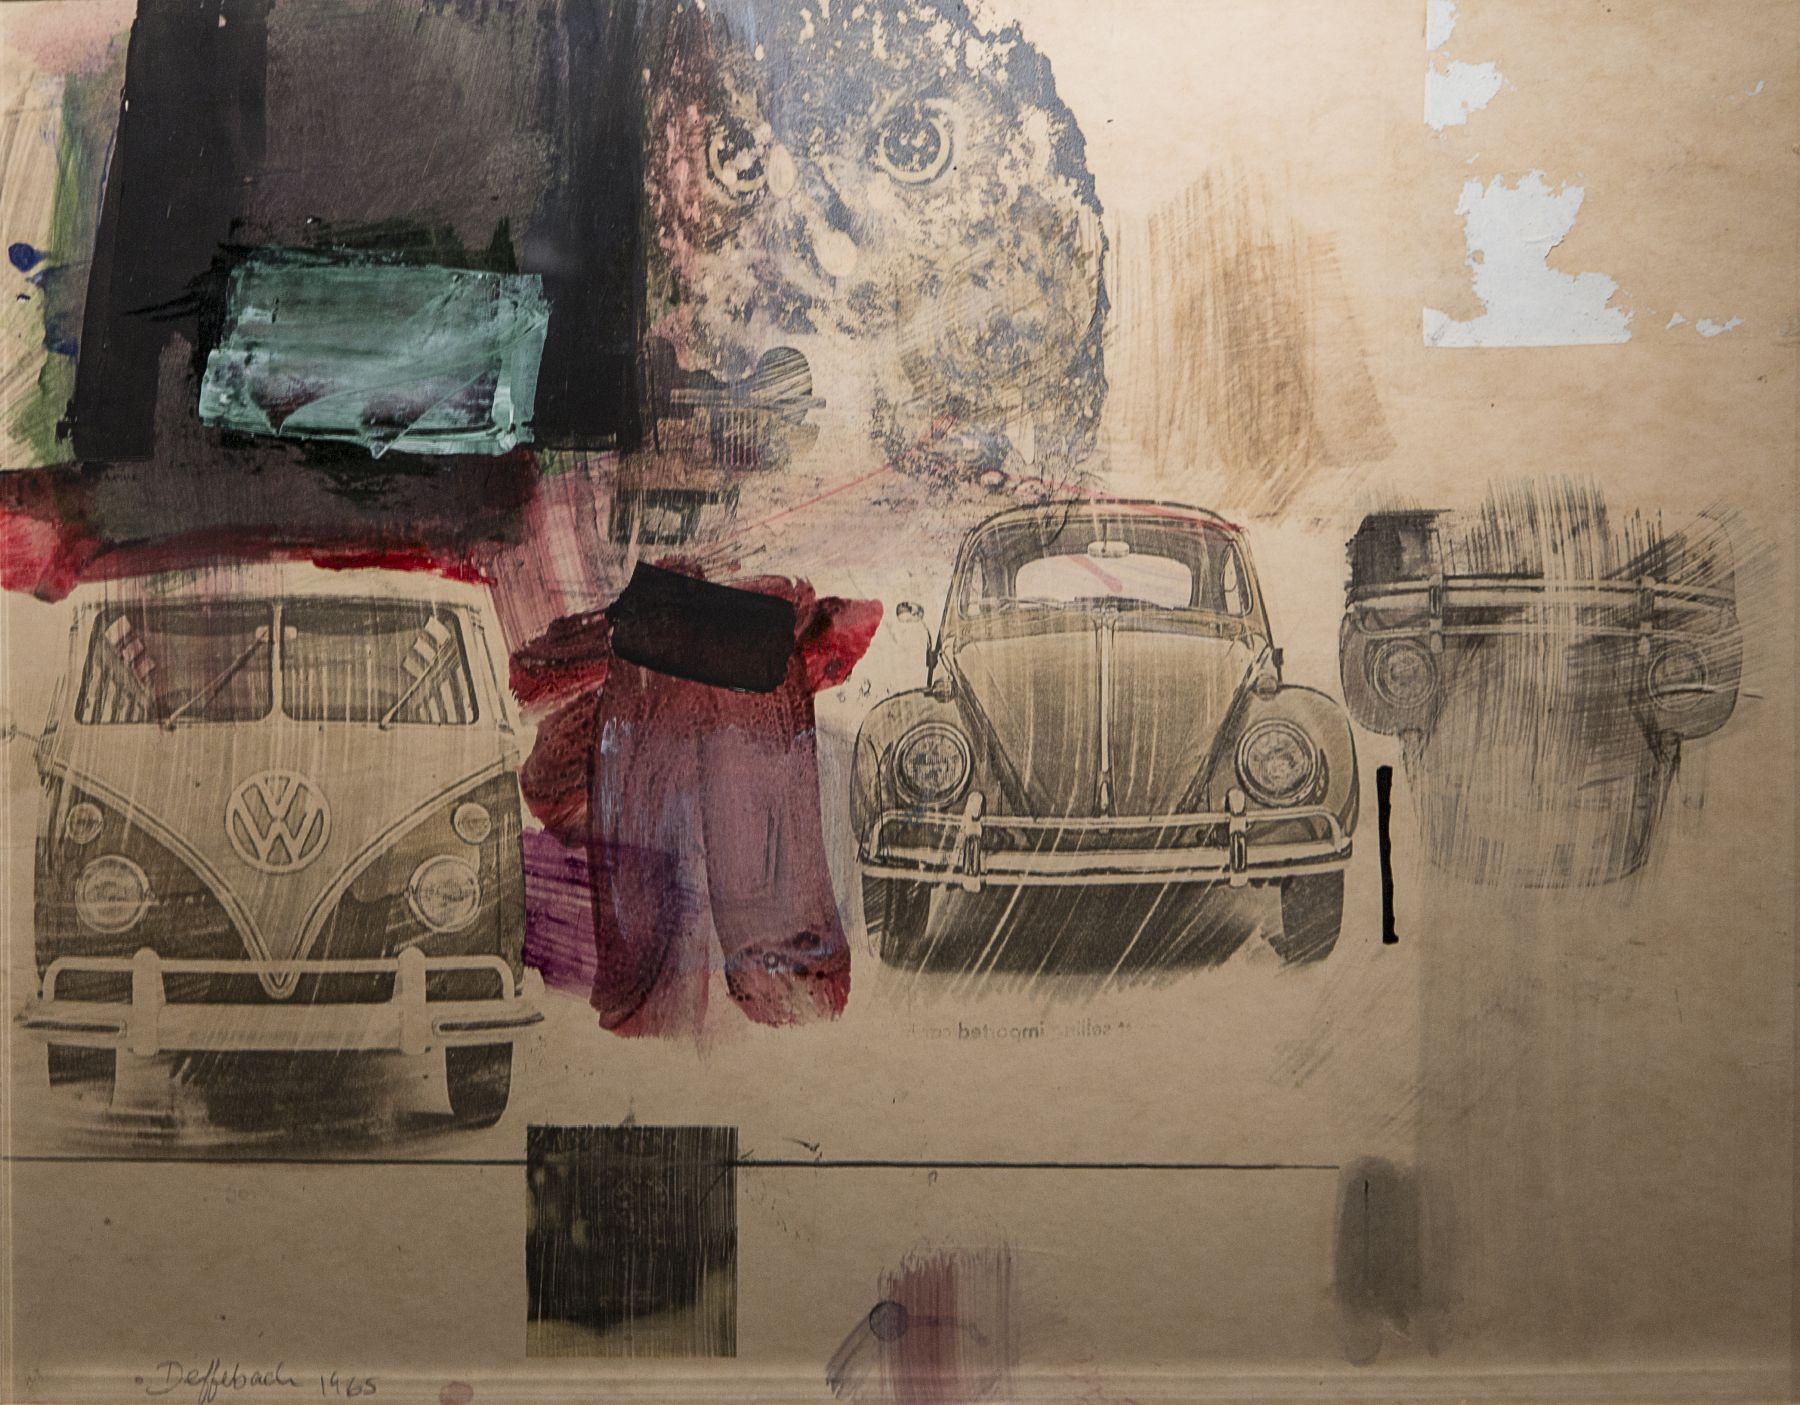 Helen Lee Deffebach, utah artist, utah art, collage,